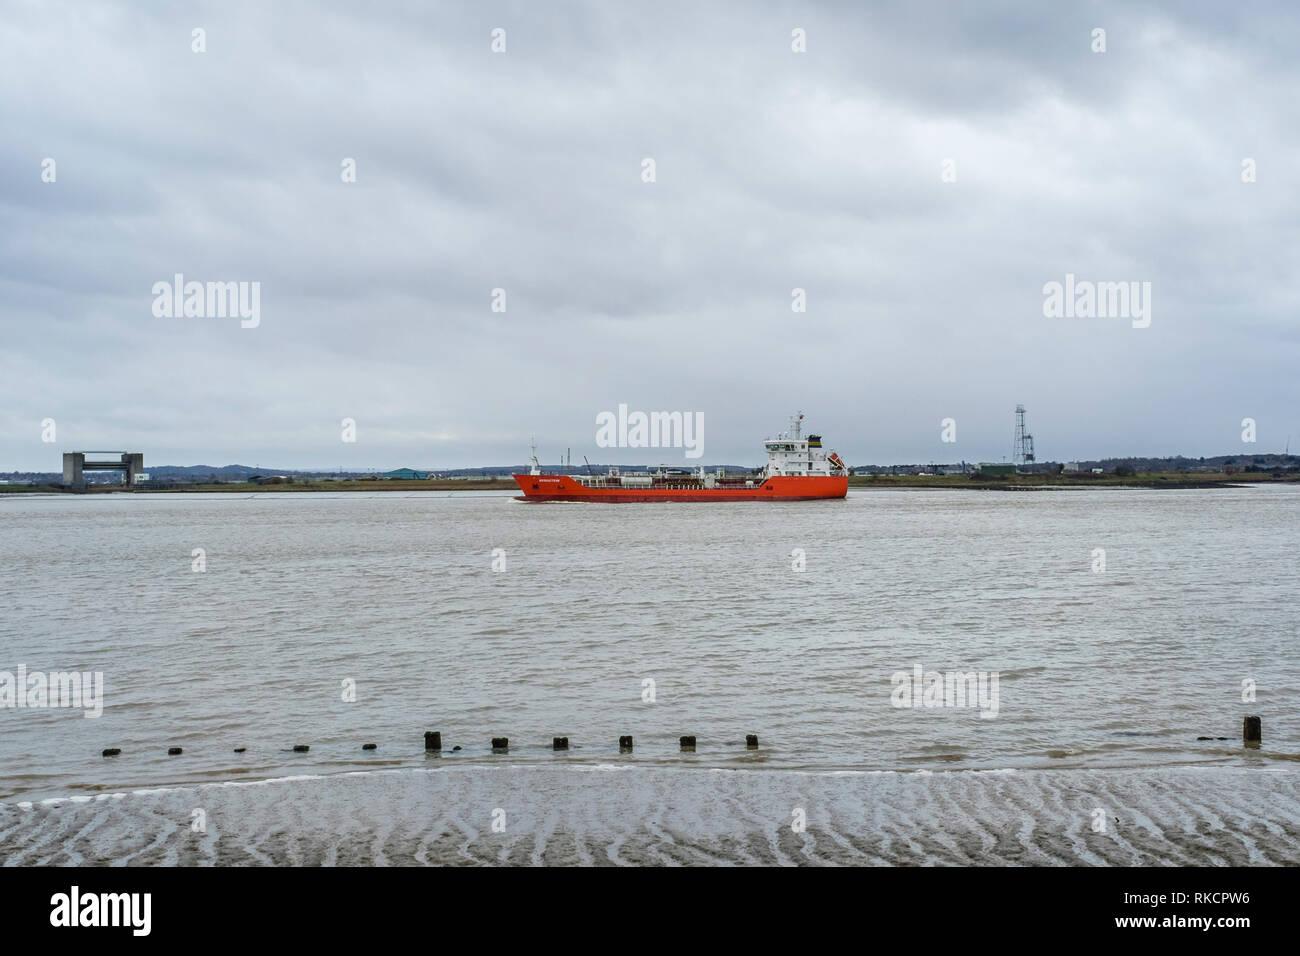 Bernstein oil tanker, River Thames estuary, UK - Stock Image